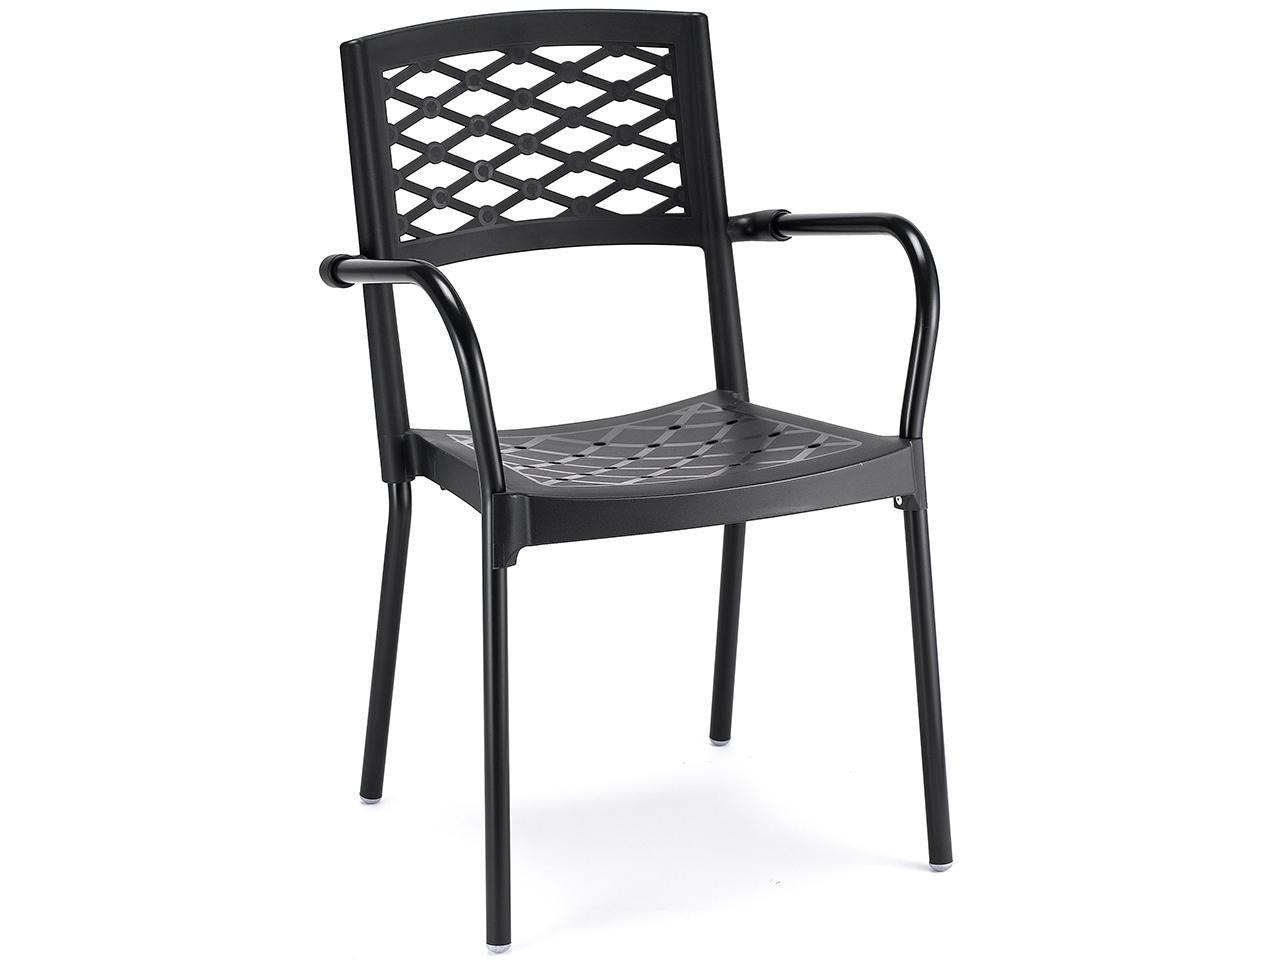 Кресло пластиковое Lula coated aluminium frame